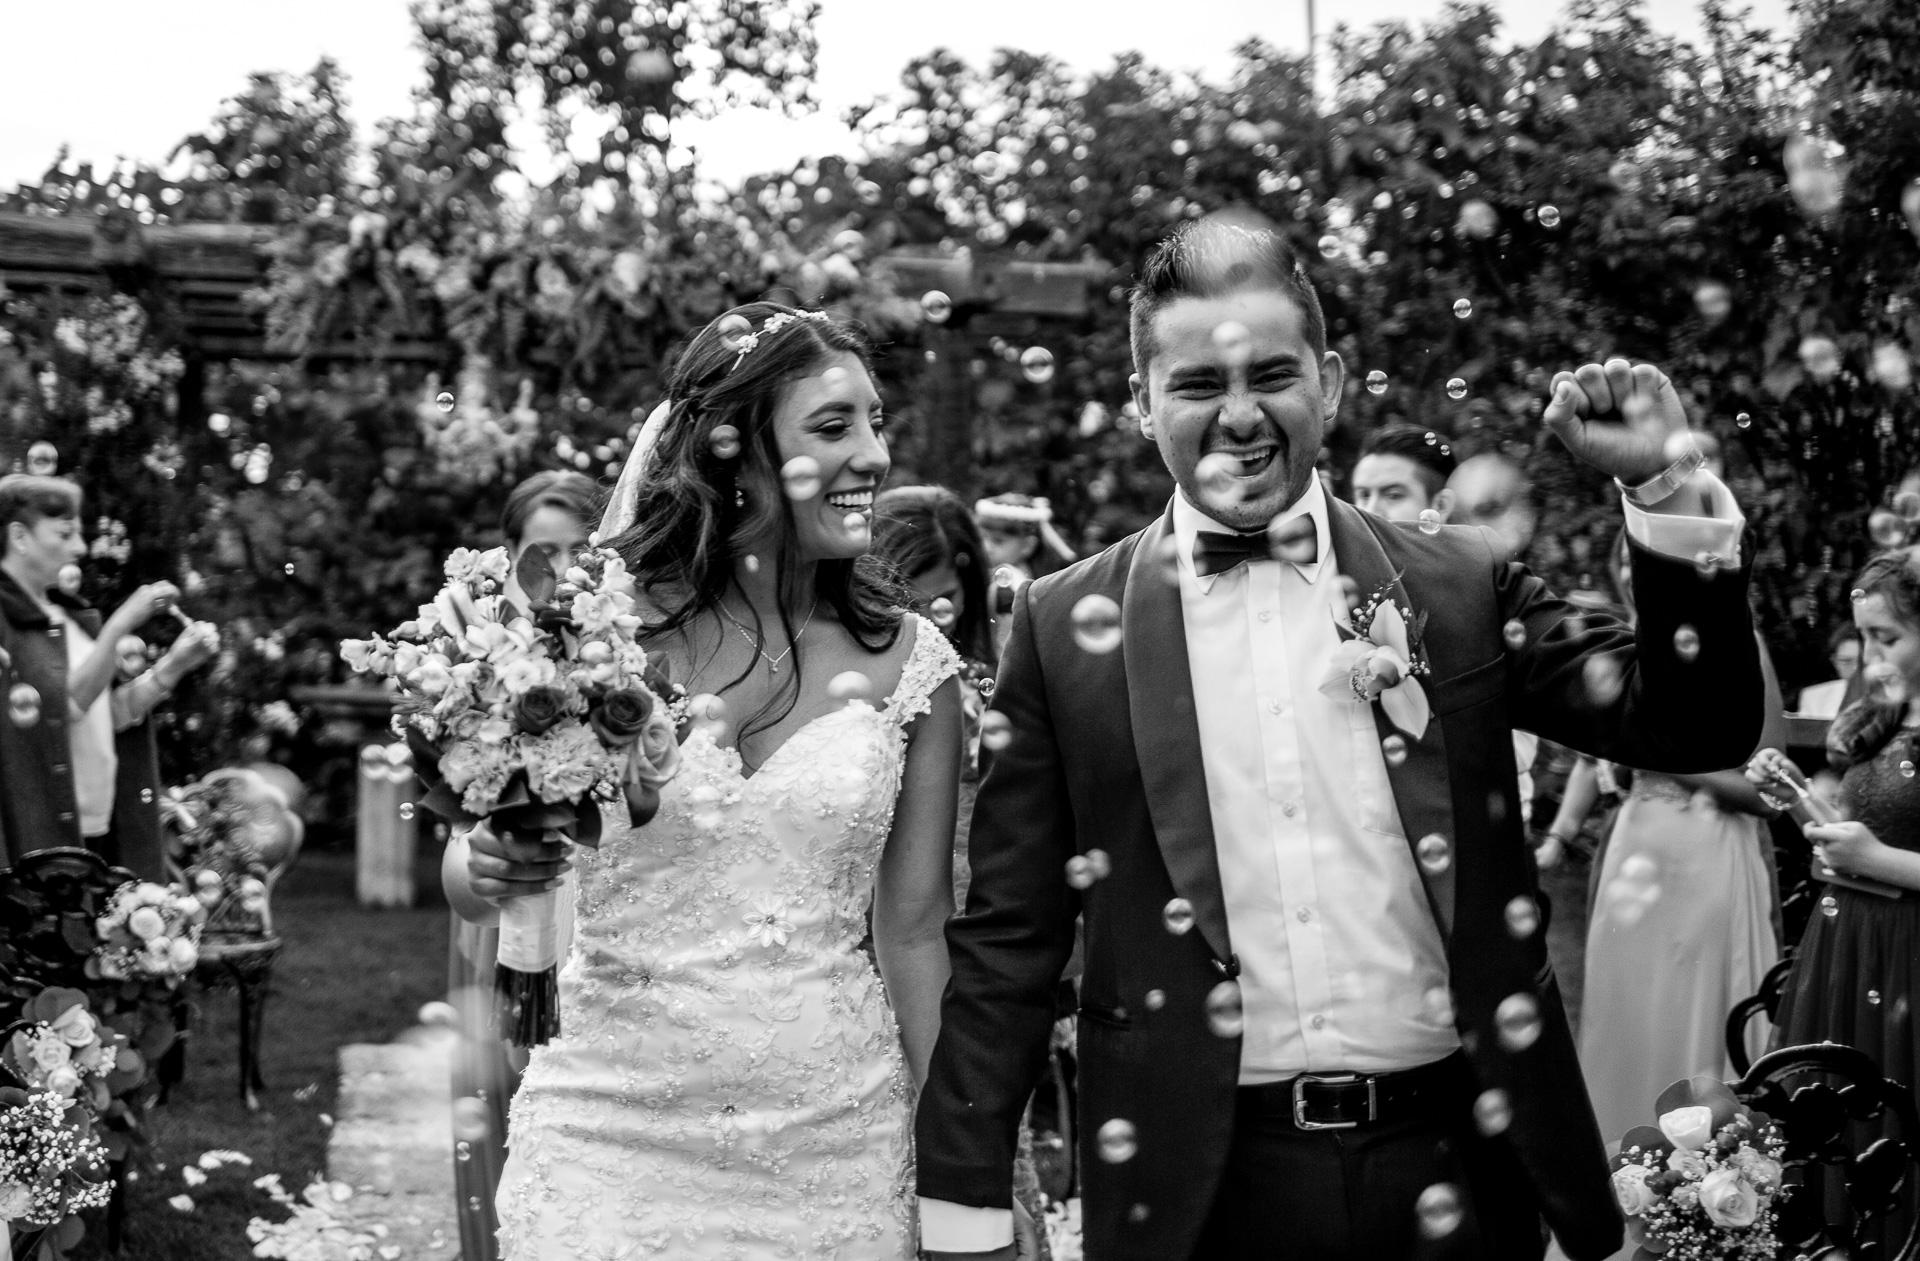 Fotógrafos-de-bodas-en-Colombia-Alejandro-y-Angelica-29 ALEJANDRO + ANGELICA